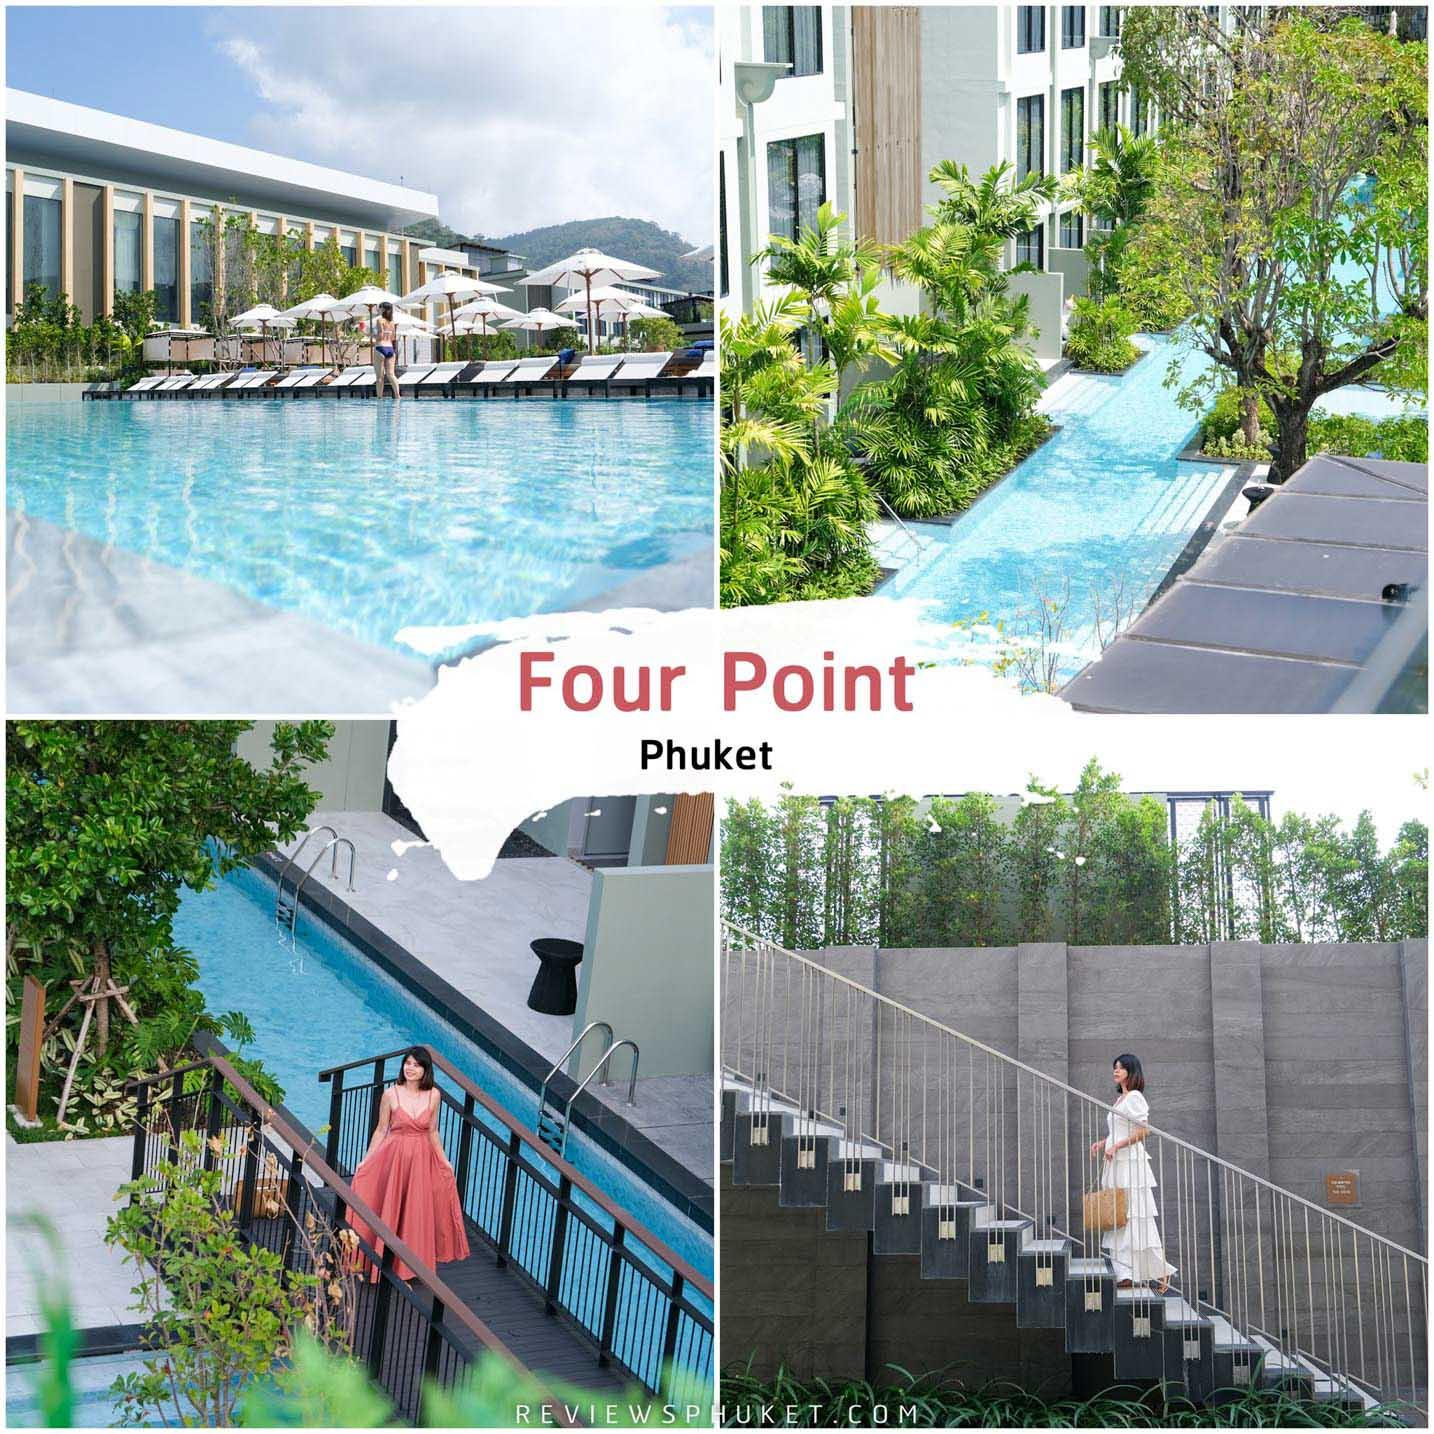 Four Point Phuket ที่พักสุดสวยภูเก็ต ริมหาดป่าตอง วิวหลักล้าน ออกแบบสถาปัตยกรรมไม่เหมือนใคร